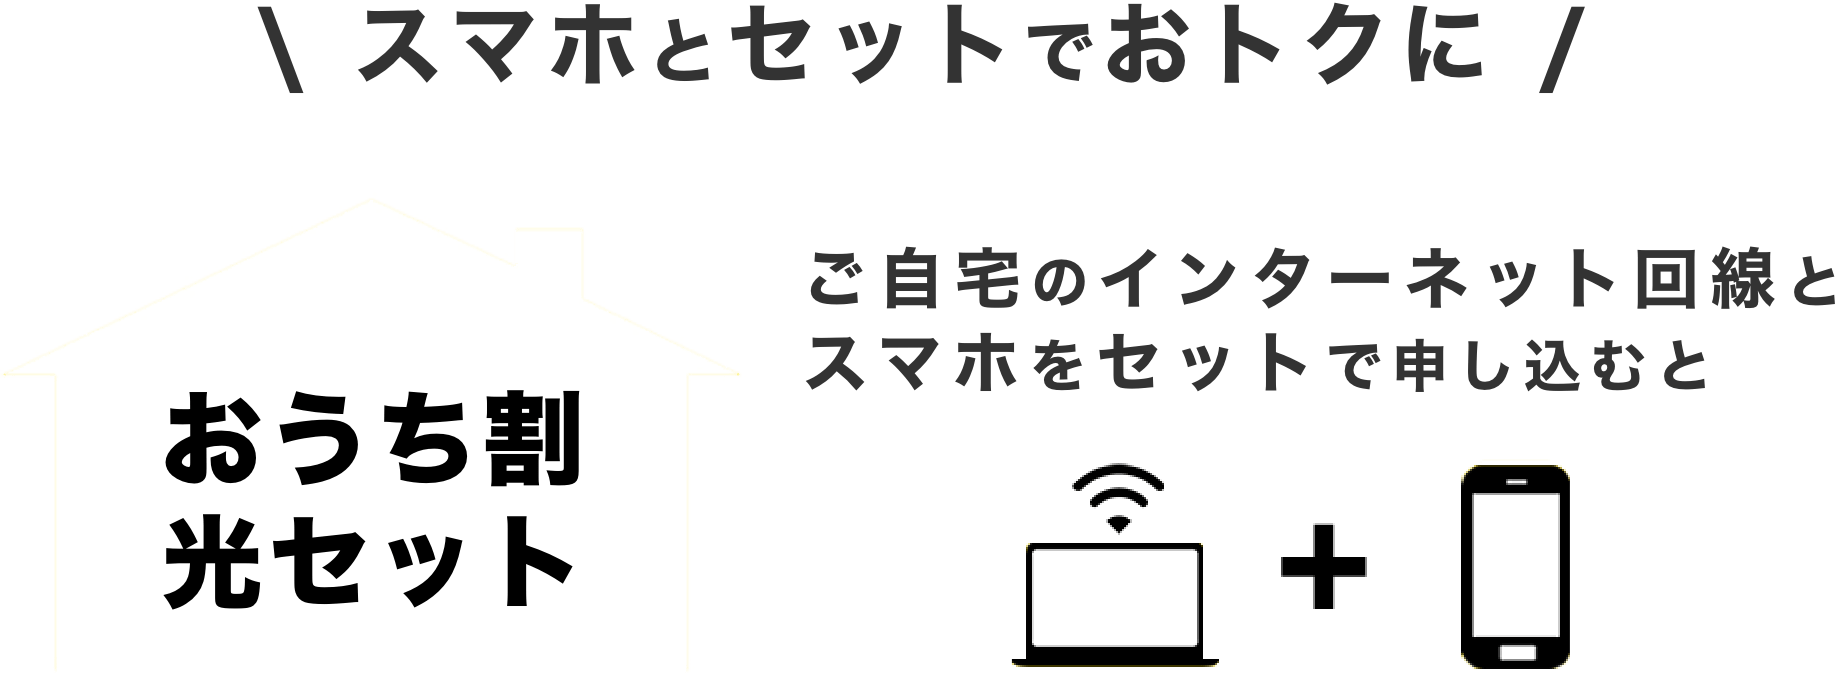 スマホとセットでおトクに。おうち割 光セット ご自宅のインターネット回線とスマホをセットで申し込むと